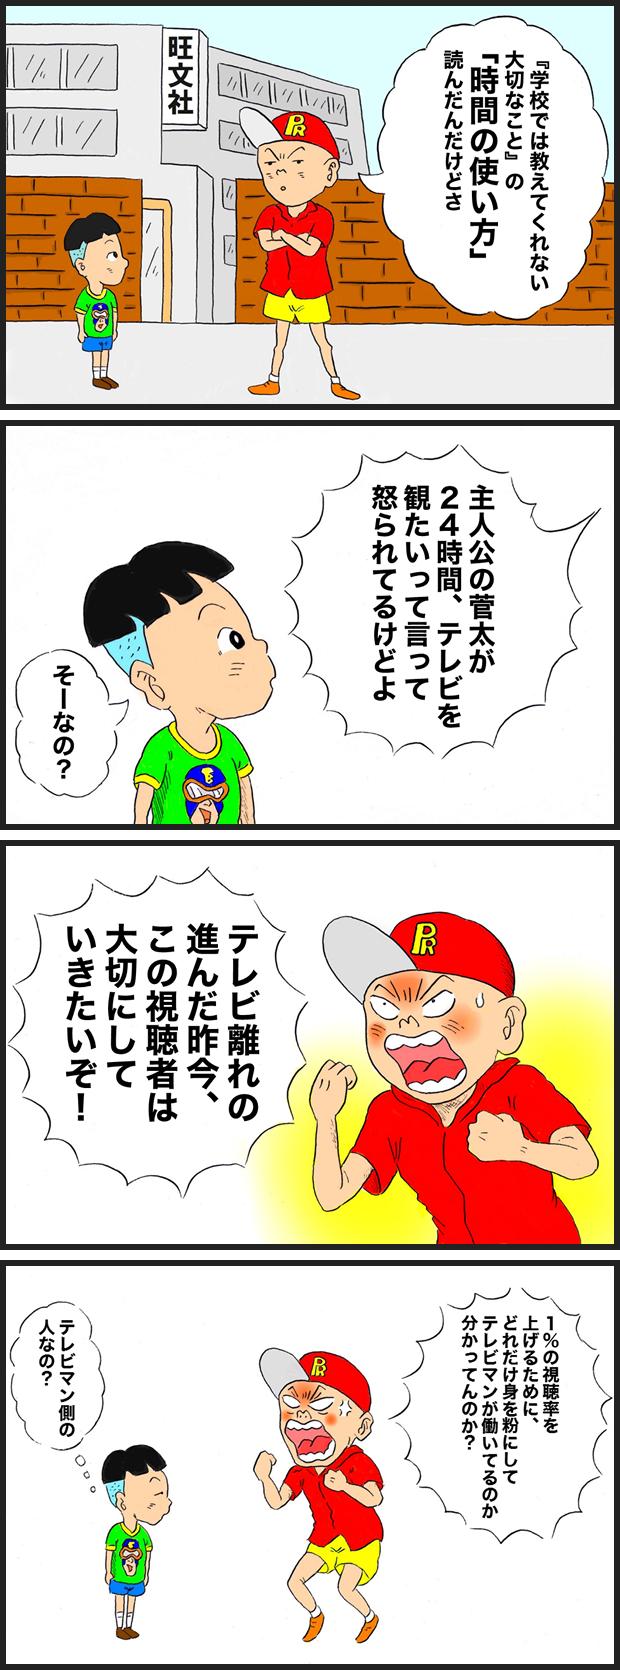 テレビマン